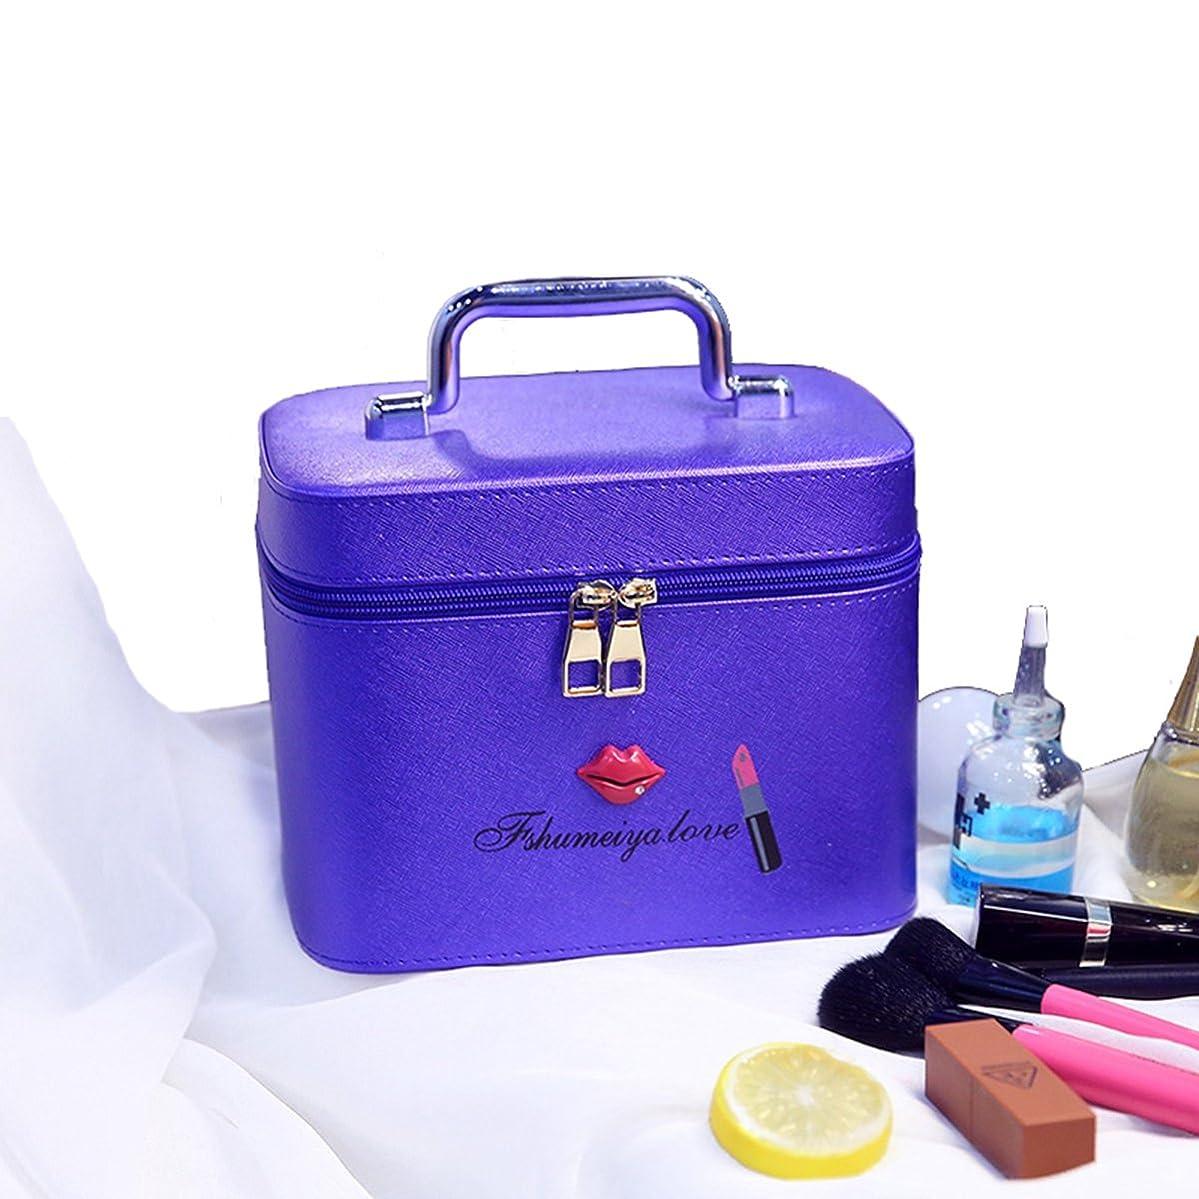 作りますグリップ情報「カッキガッキ」コスメボックス 大容量 化粧収納ボックス 鏡付き プロ用 携帯用 可愛い ファスナー メイク用品 祝日プレゼント  旅行出張 コスメBOX